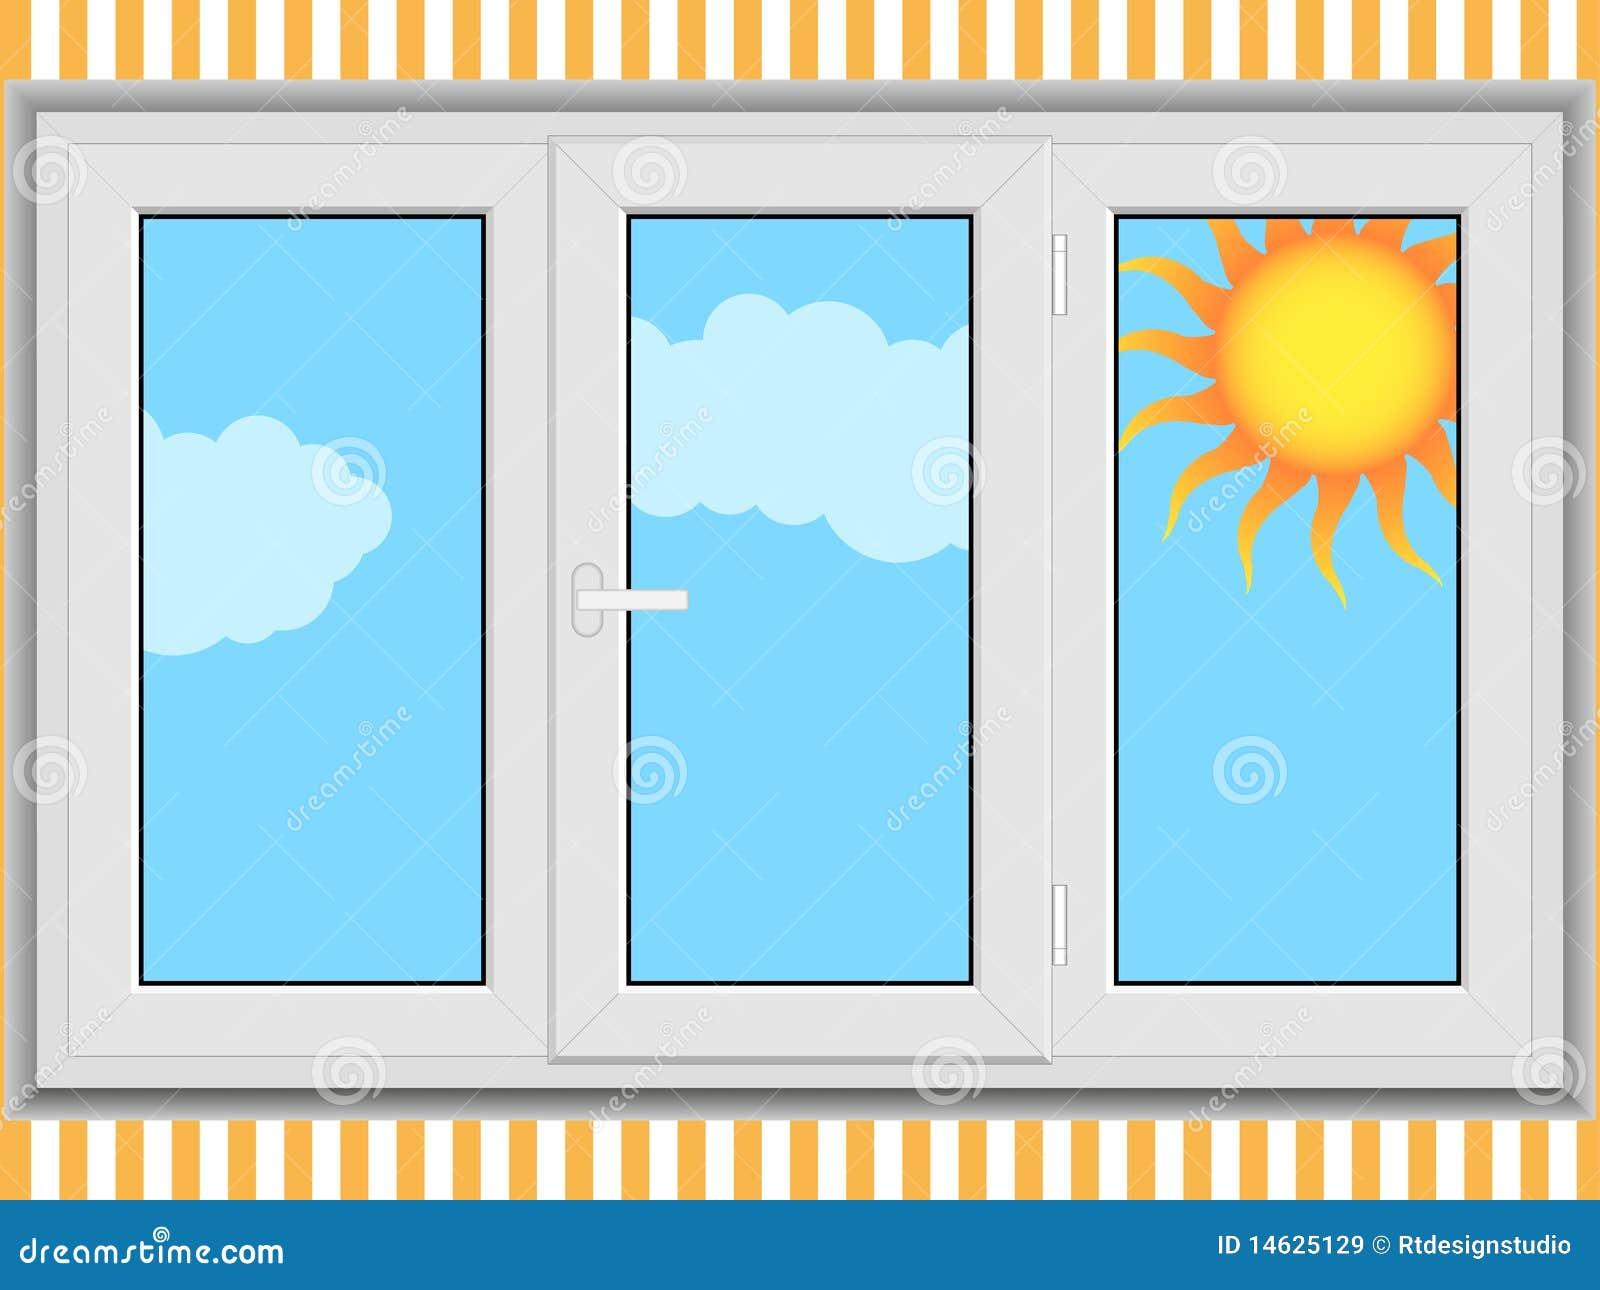 Картинка смотрит солнышко в окошко